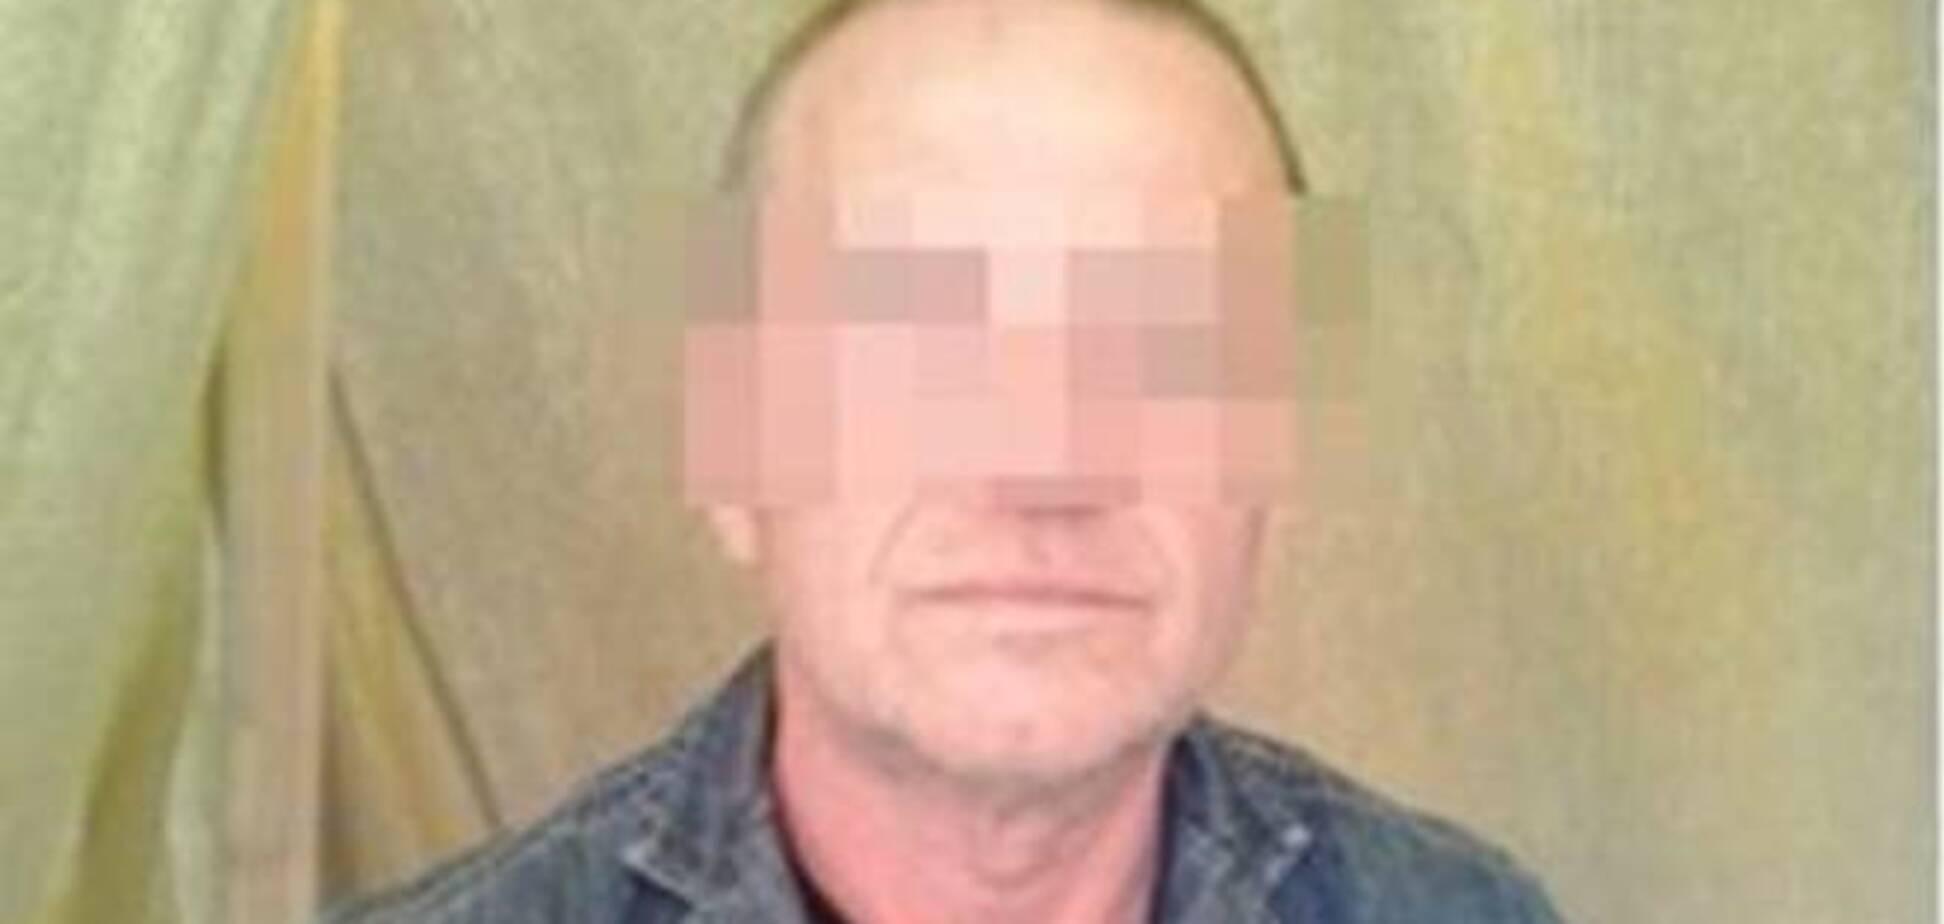 СБУ задержала россиянина, шпионившего за украинскими военными на Донетчине